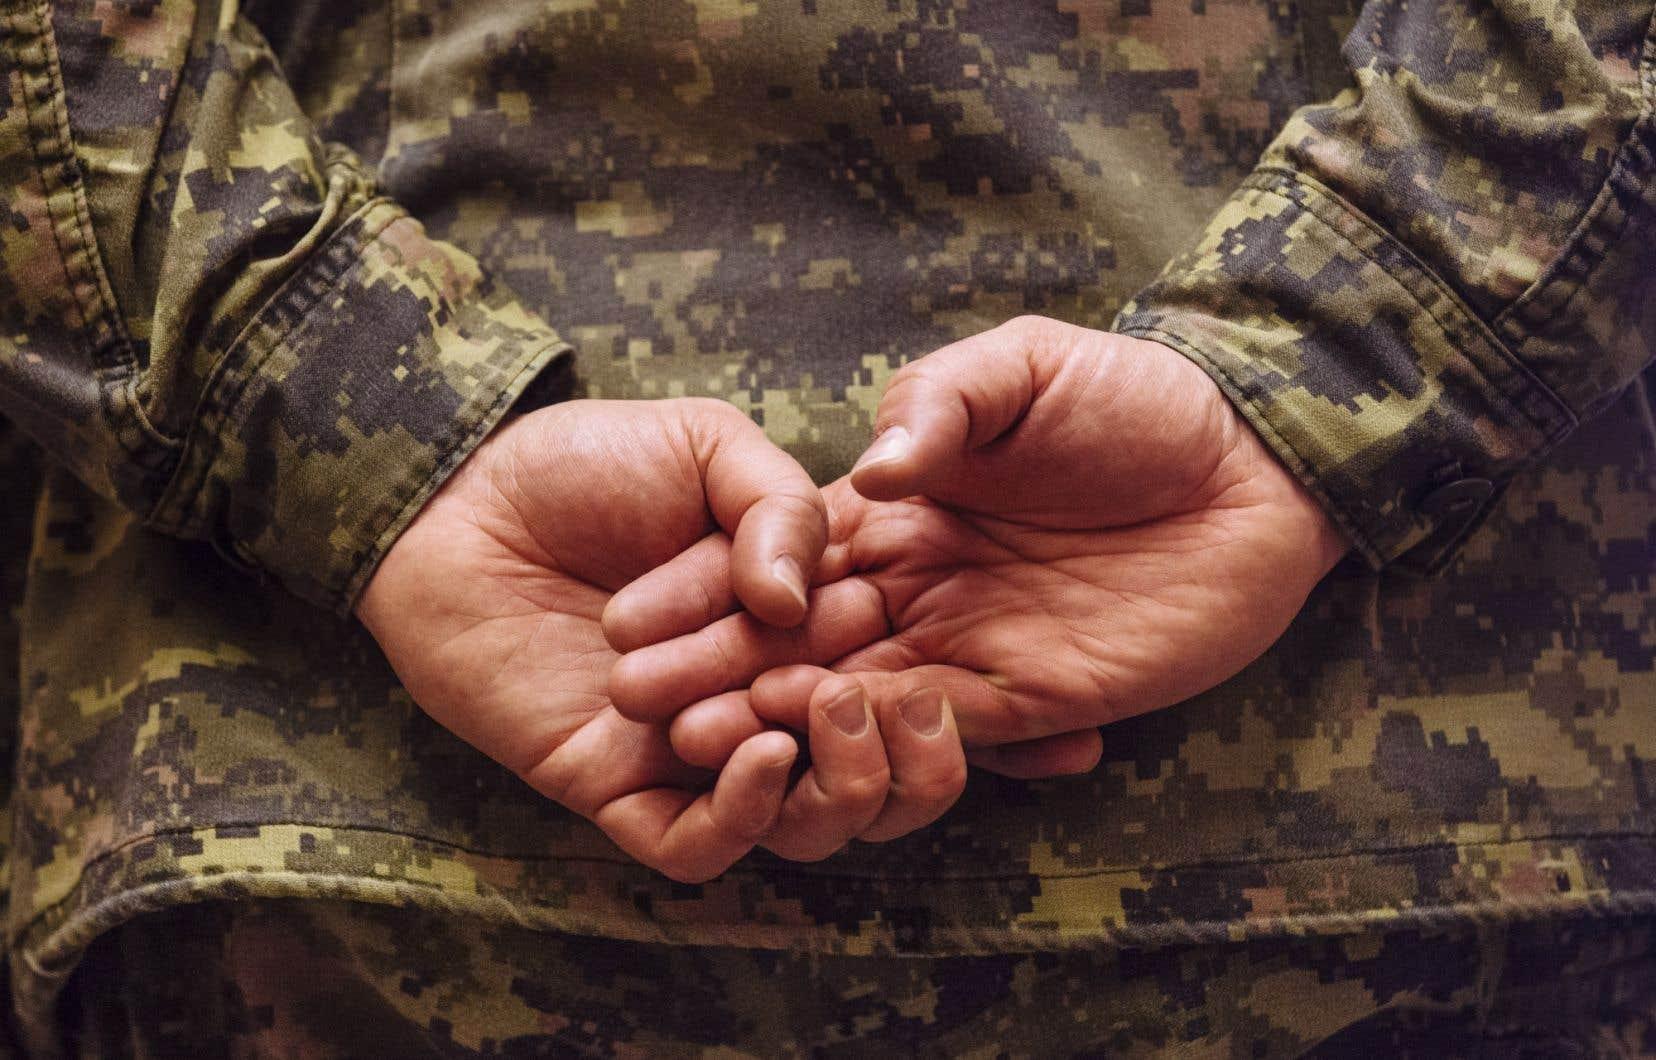 L'épisode de dépression majeur a été le plus souvent signalé chez les militaires: 8 % des membres des forces armées ont souffert de symptômes qui y sont liés.